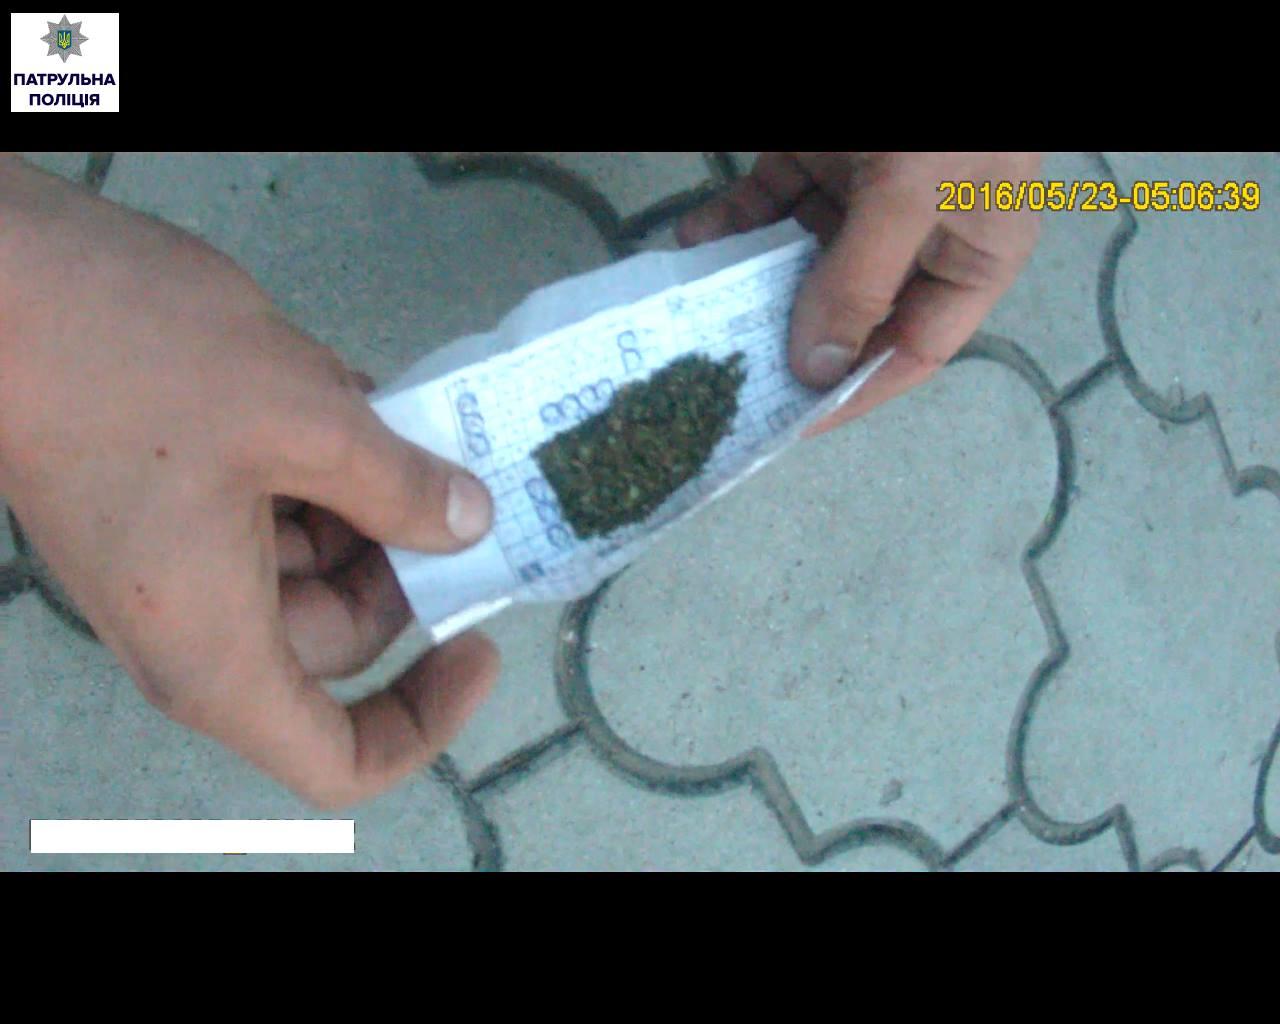 Миколаївцю завадили викурити марихуану патрульні